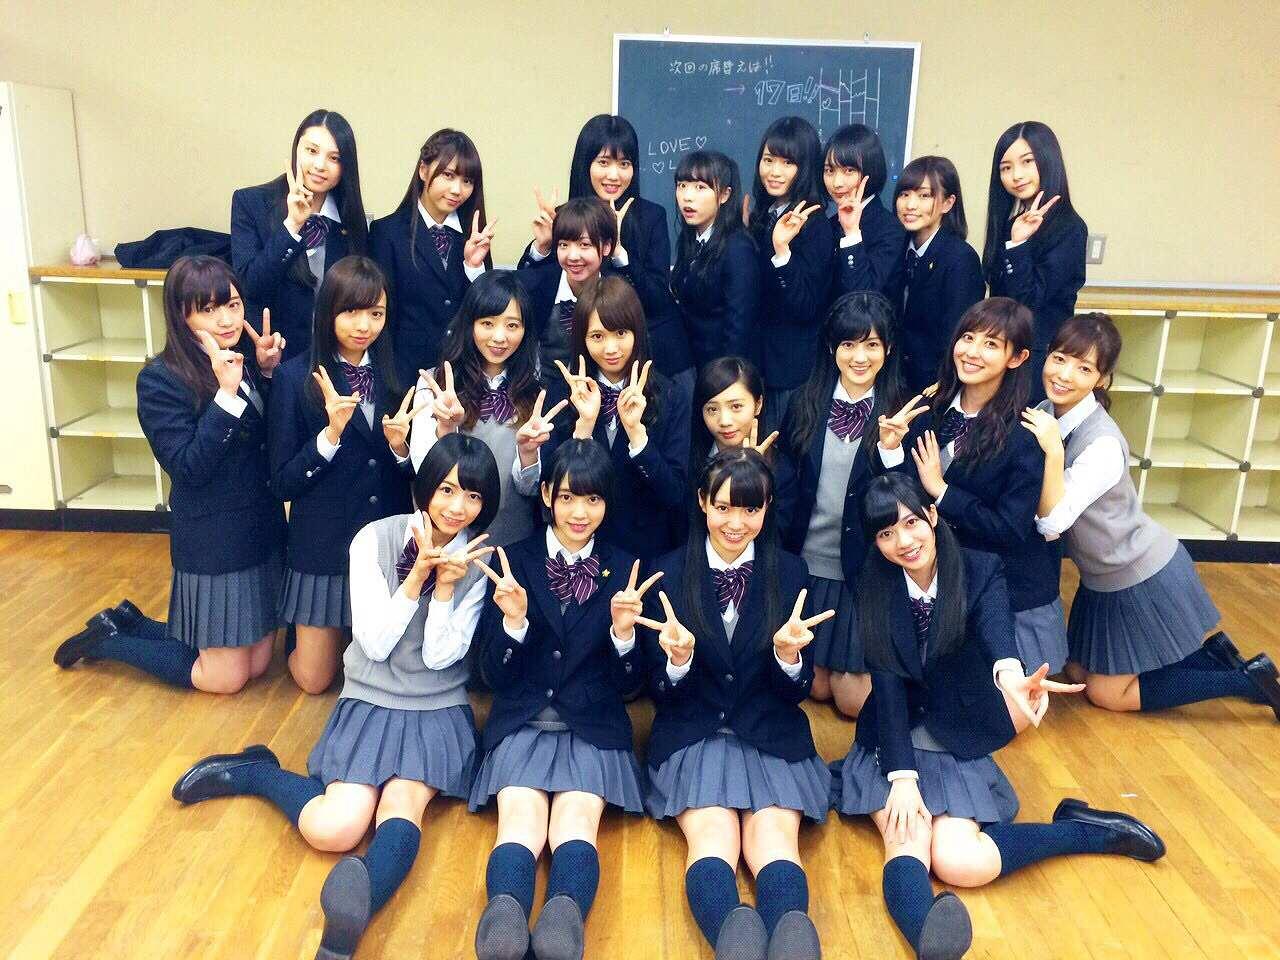 制服を着て女子高の集合写真みたいに写っている乃木坂46のメンバー集合写真